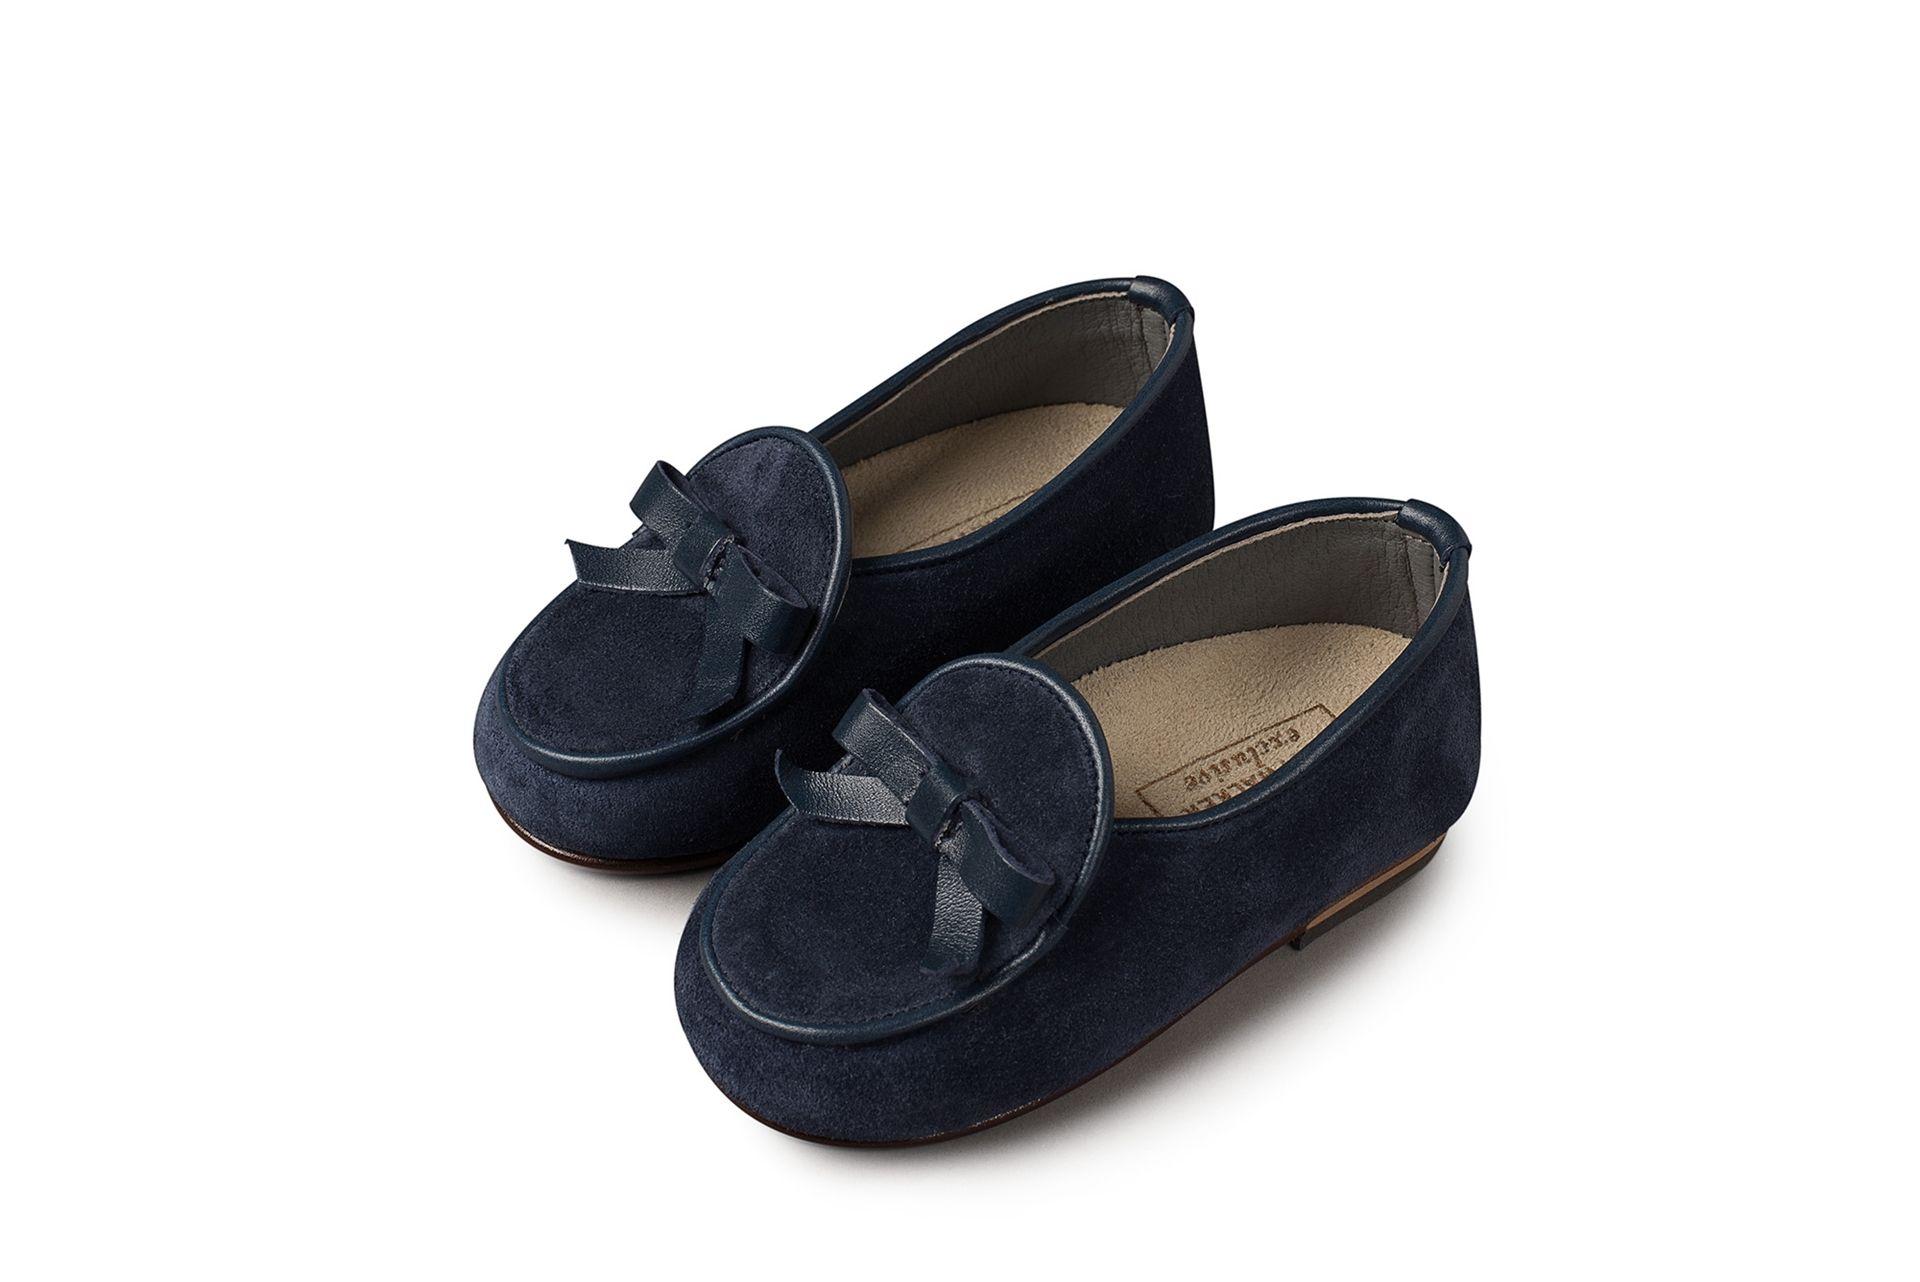 4841f625627 Δερμάτινα παπούτσια Babywalker EXC5140 | Βαπτιστικά παπούτσια για ...